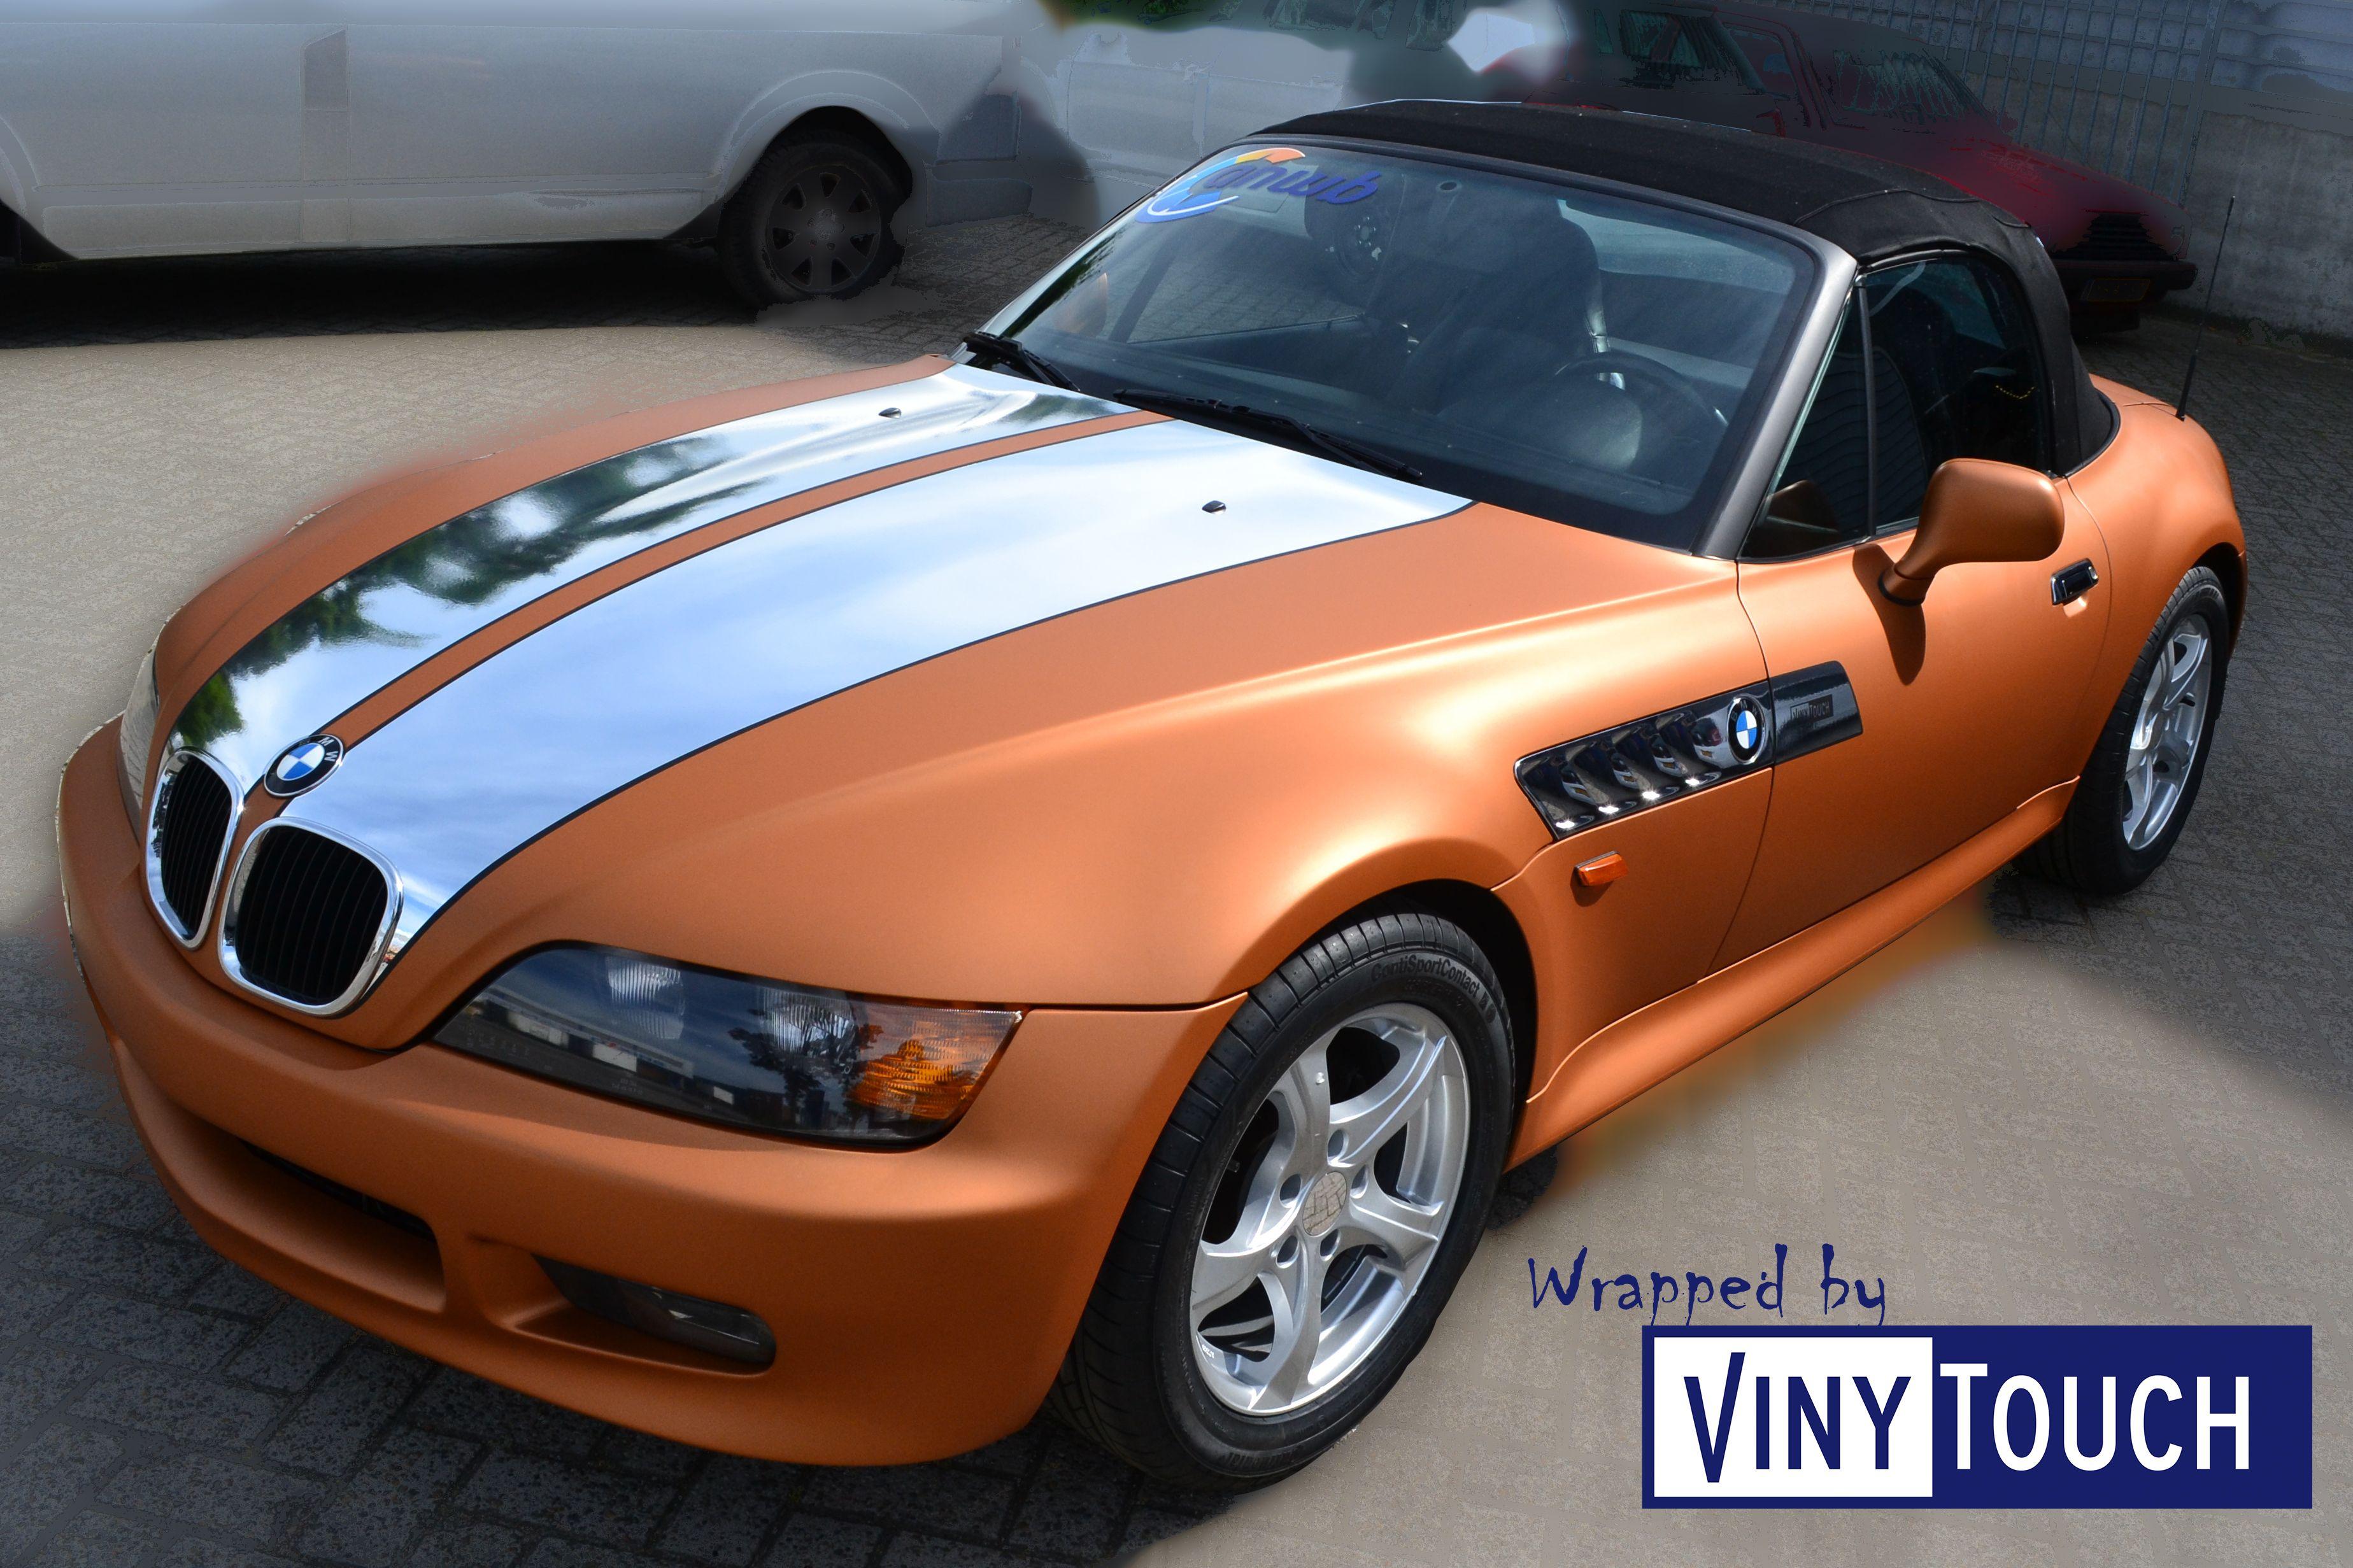 Copper Matte Metallic Wrap Met Een Chrome Silver Matte Black Striping Wrapped By Vinytouch Avery Bmw Z3 Car Wrap Design Car Wrap